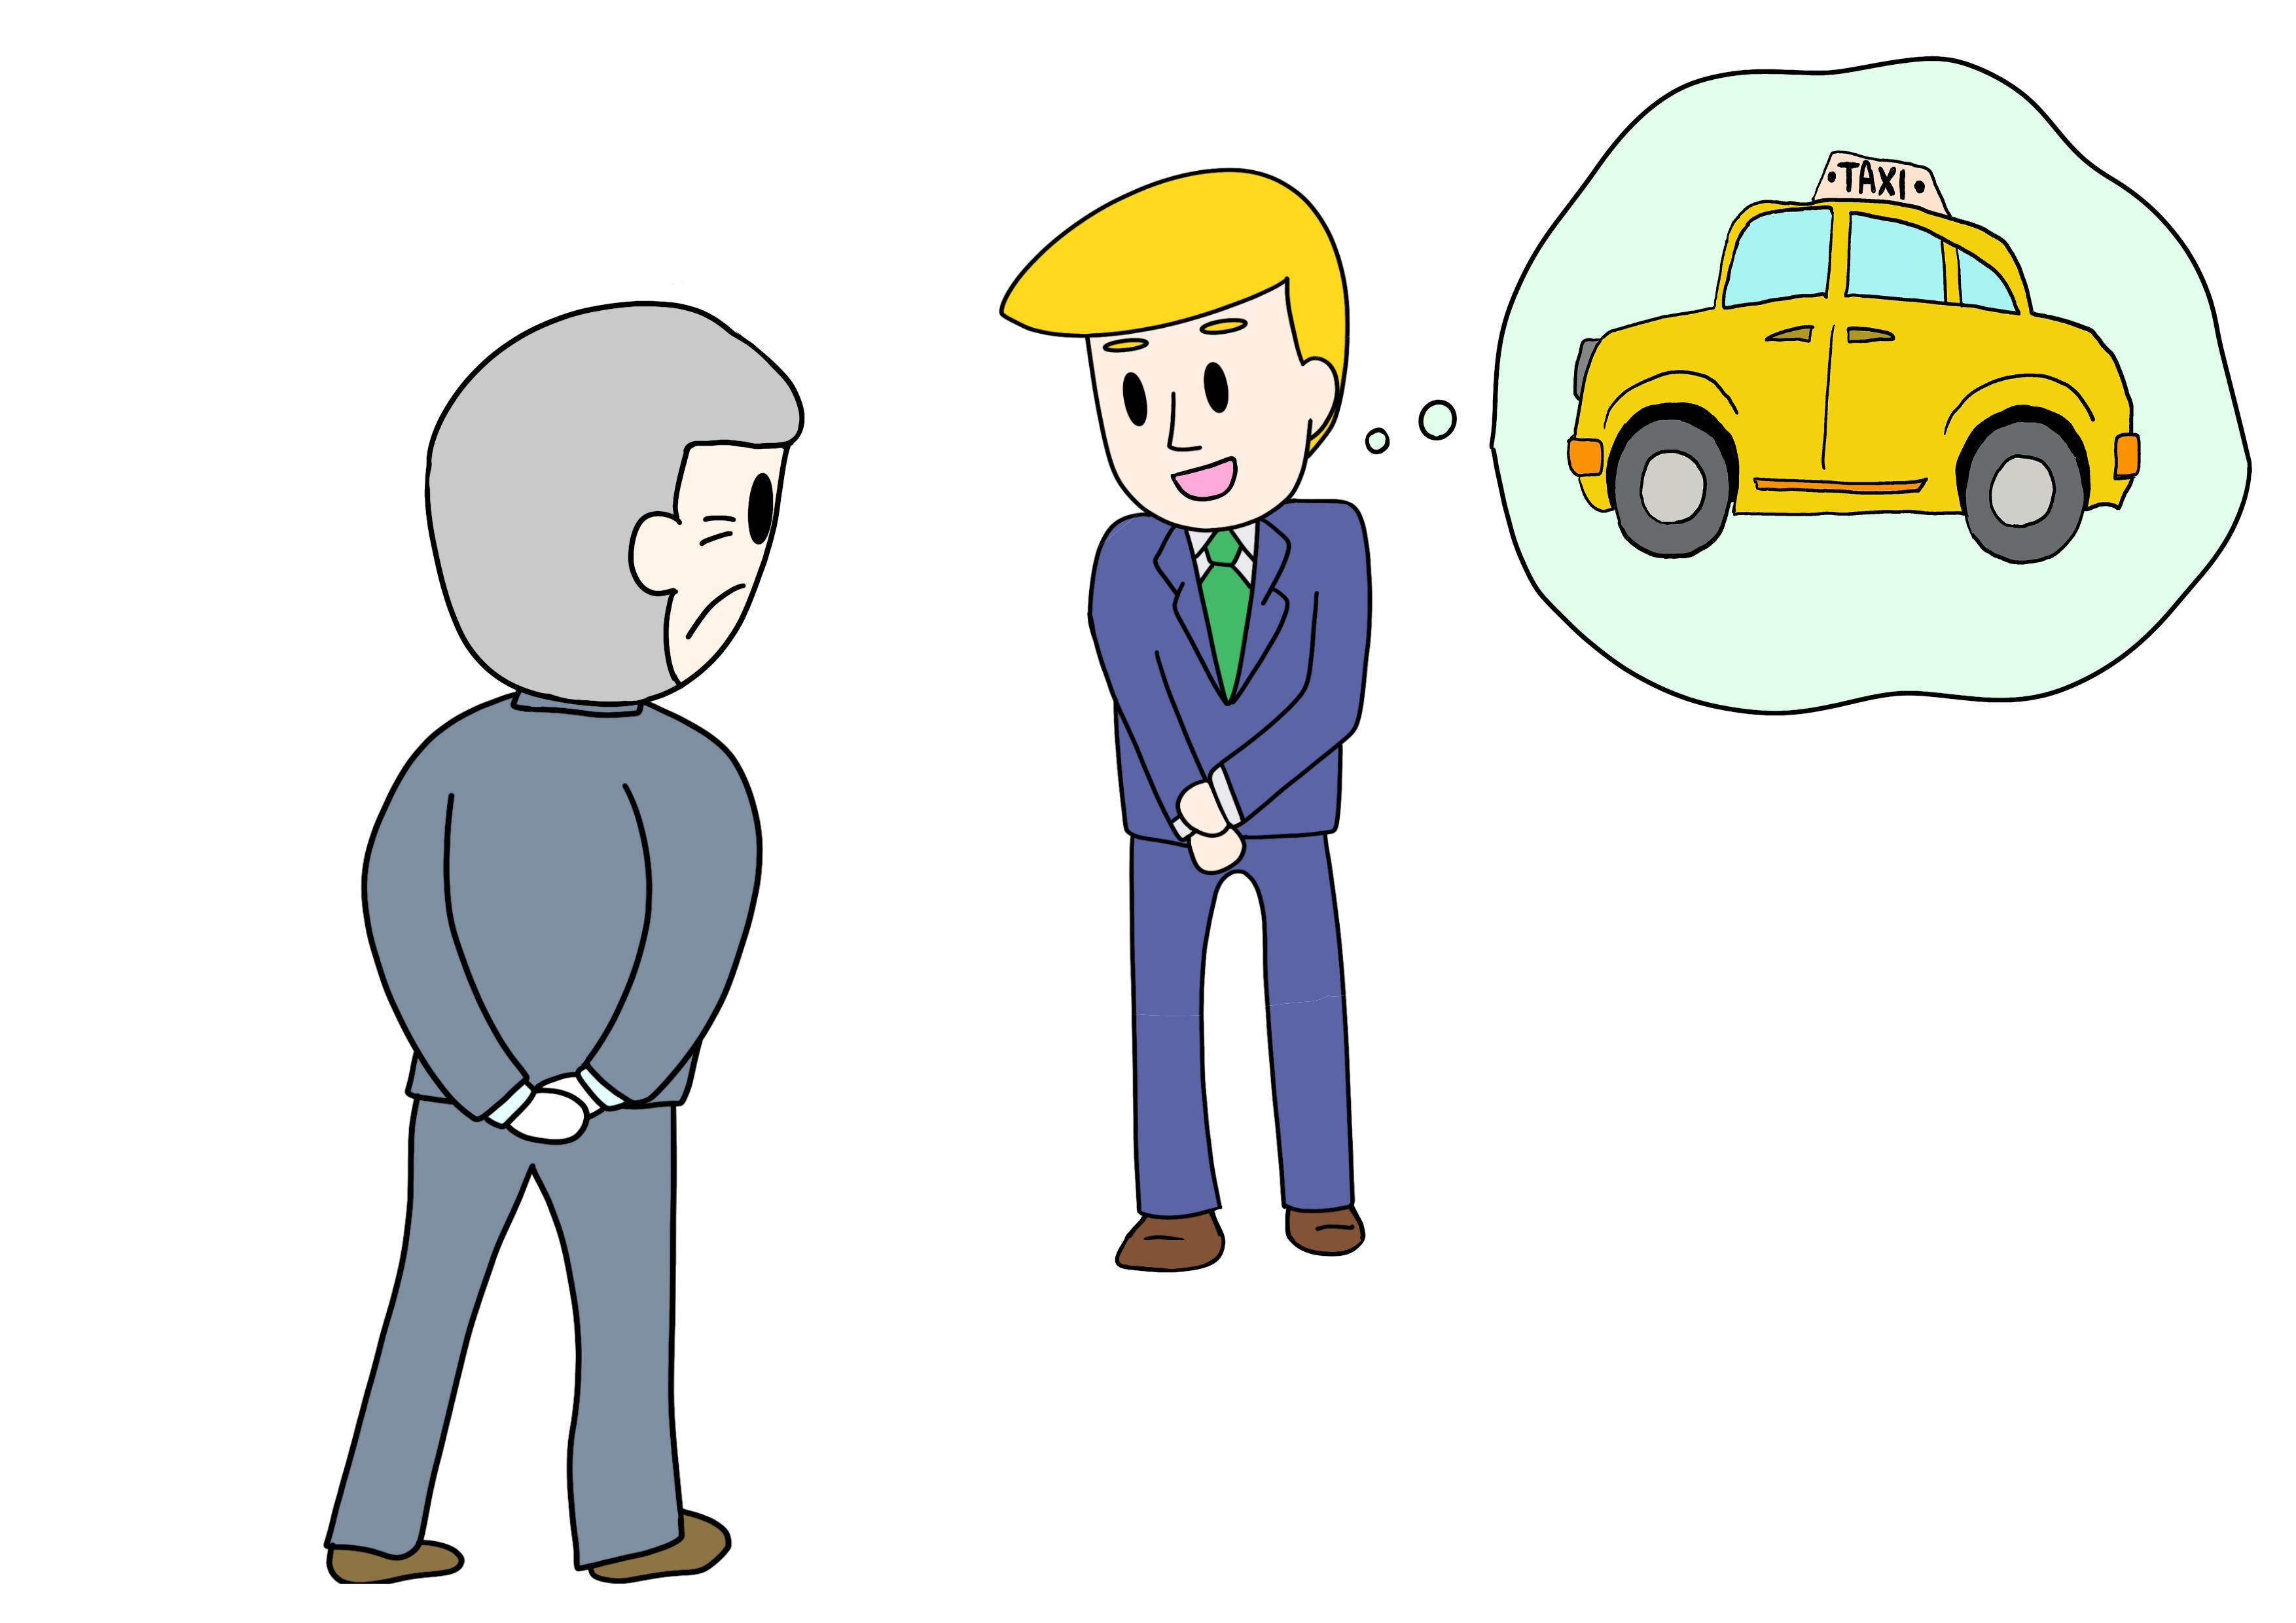 50課イラスト【タクシーを呼ぶ/いたします】